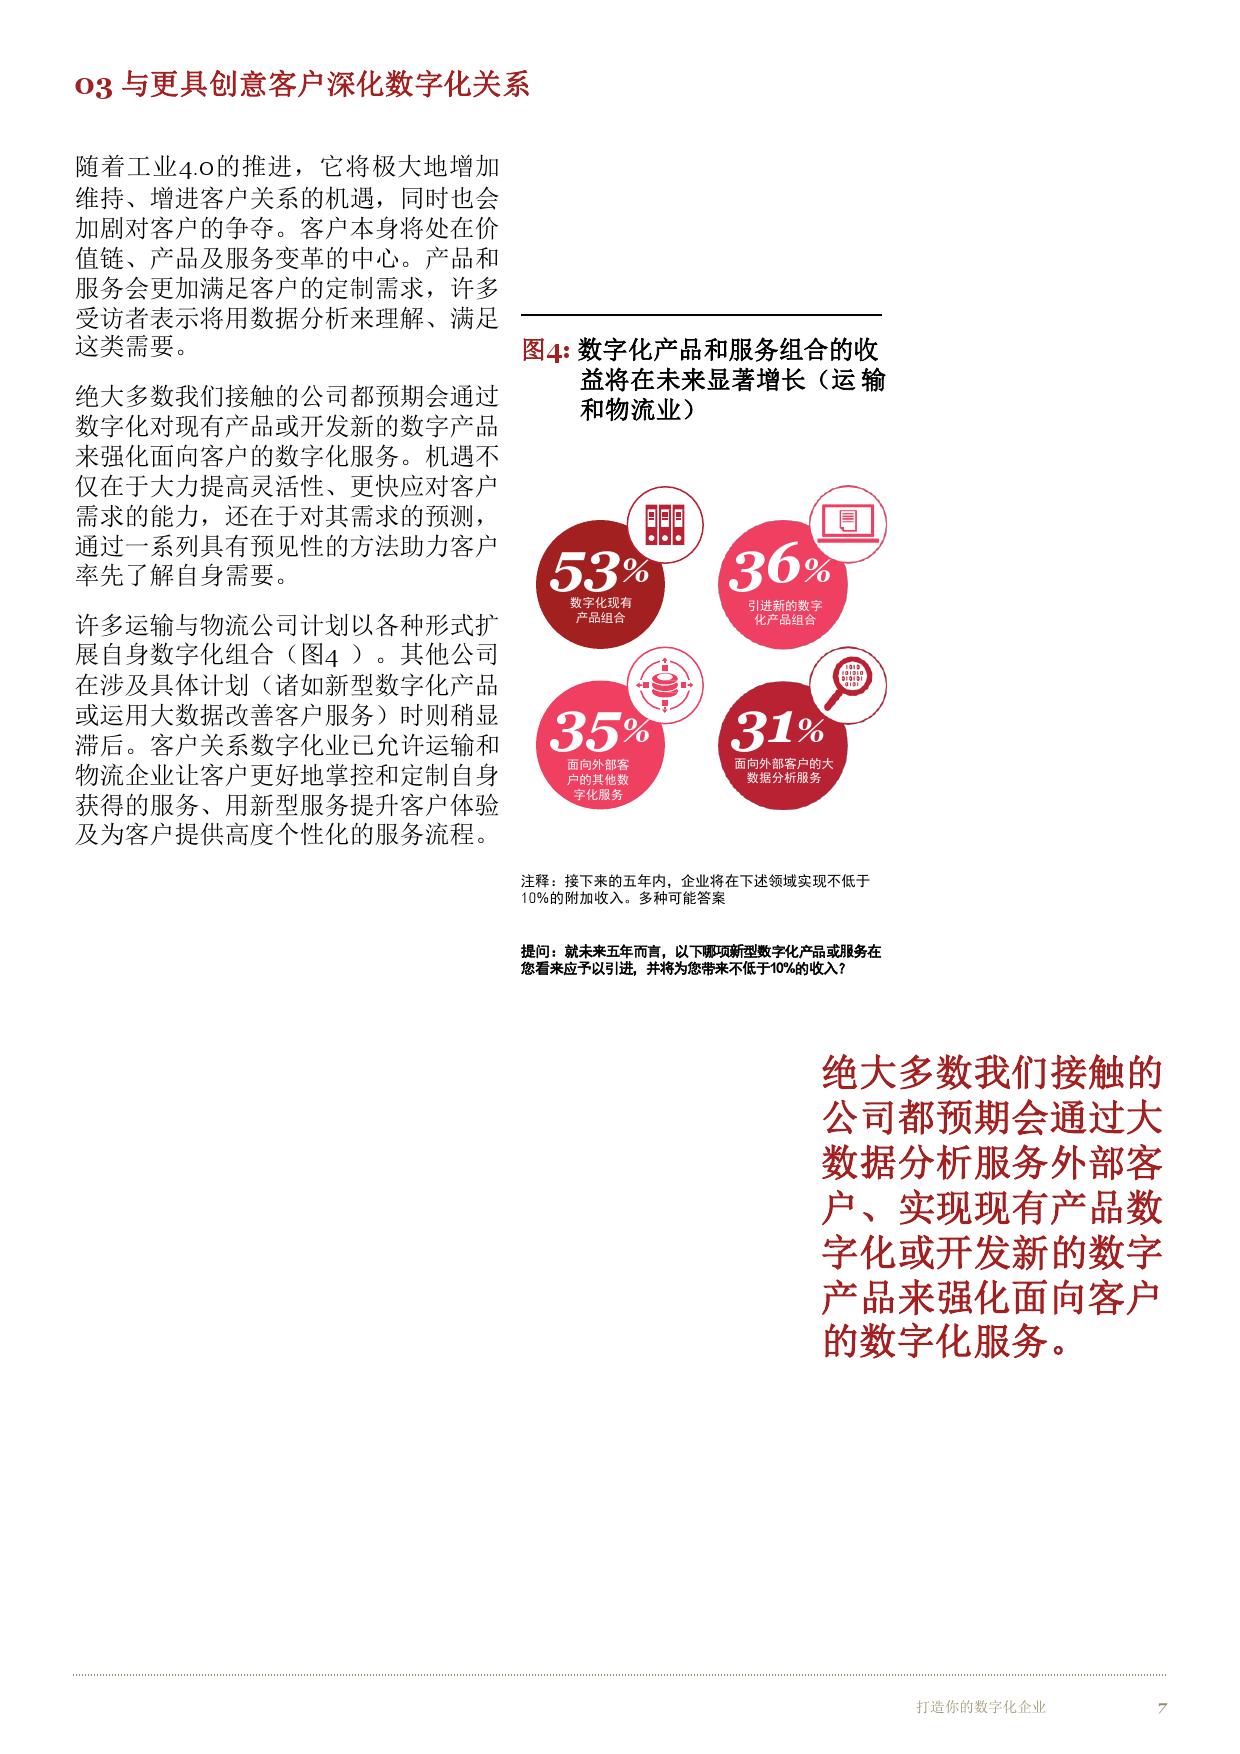 2016%e5%85%a8%e7%90%83%e5%b7%a5%e4%b8%9a4-0%e8%b0%83%e7%a0%94_000007